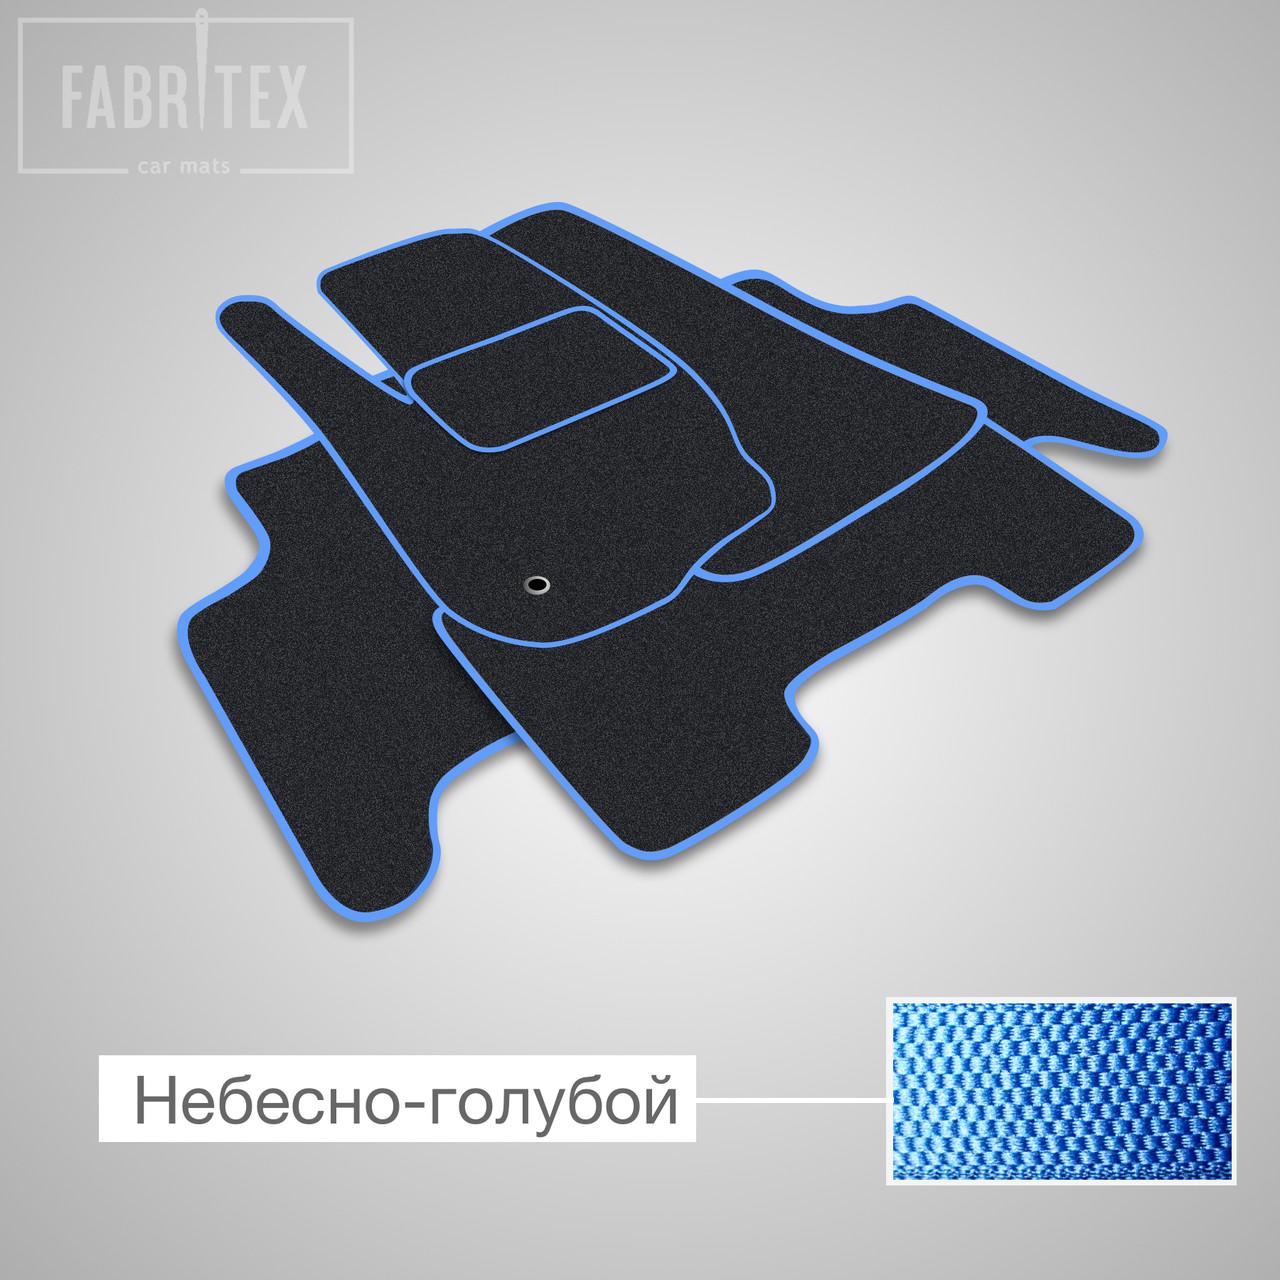 Создай свой дизайн Автоковриков (текстиль)